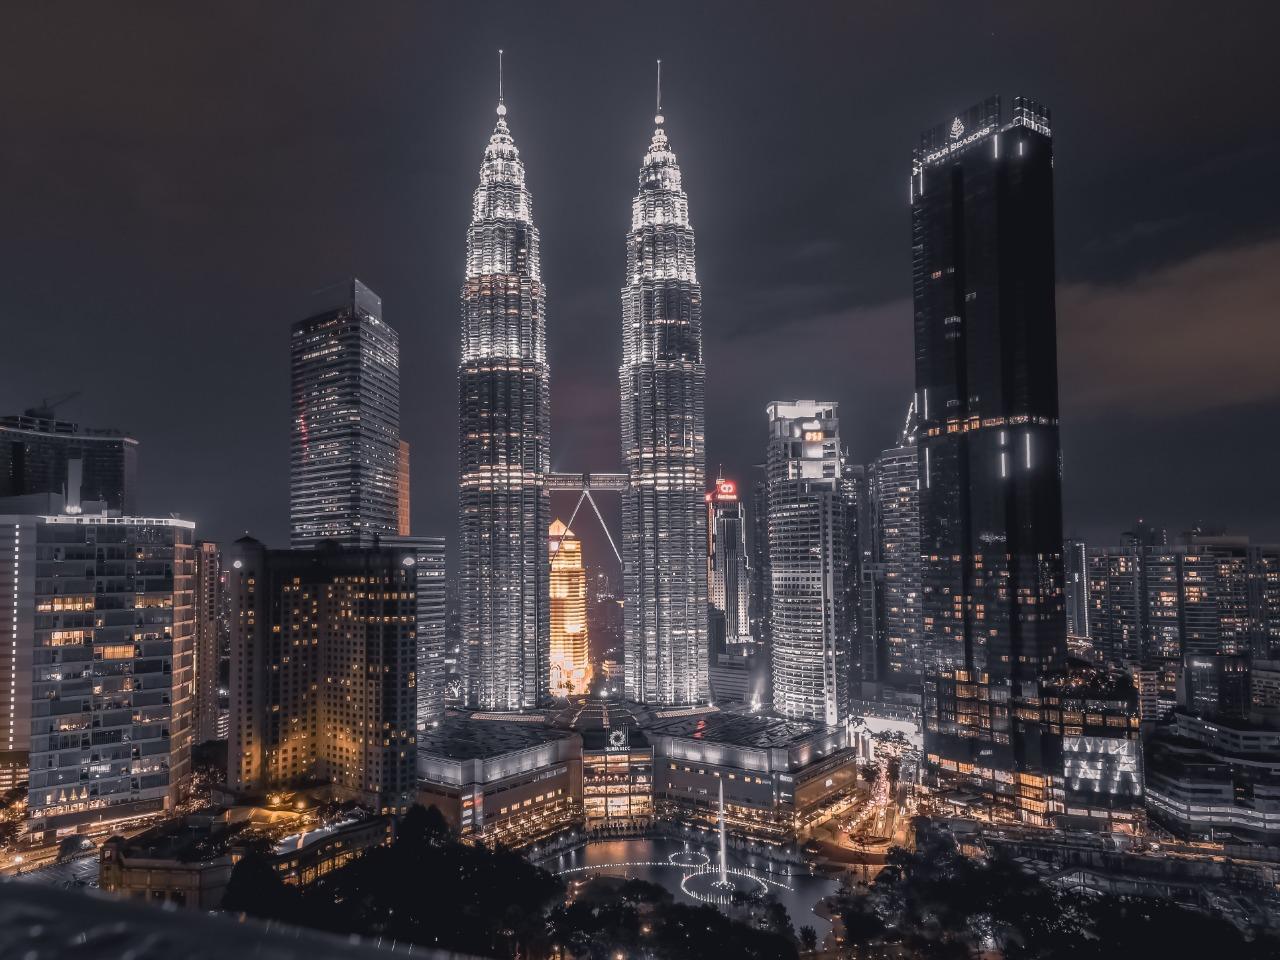 Pemandangan malam menara kembar Petronas di Kuala Lumpur, Malaysia | Shutterstock/RED87PUTRA